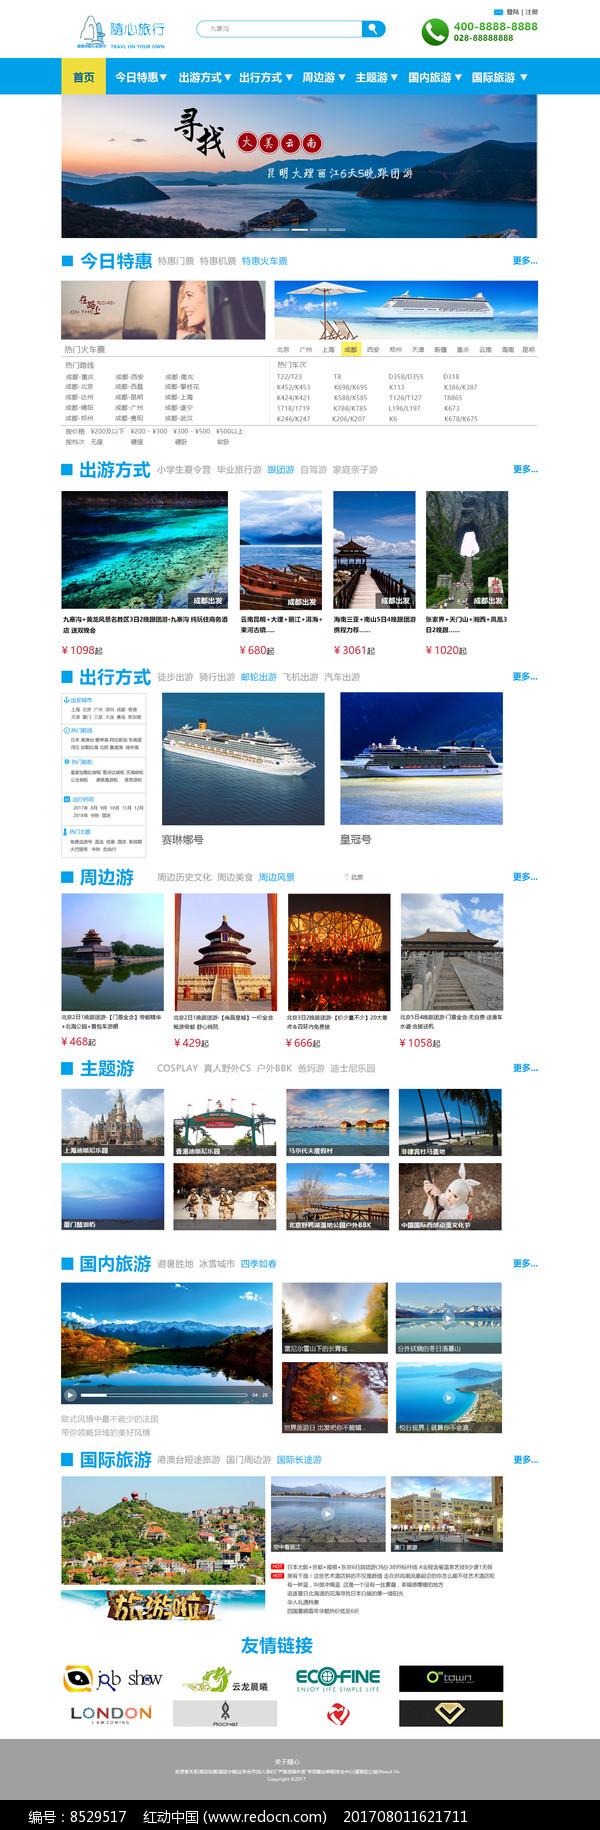 蓝色旅游网站旅游网页设计图片